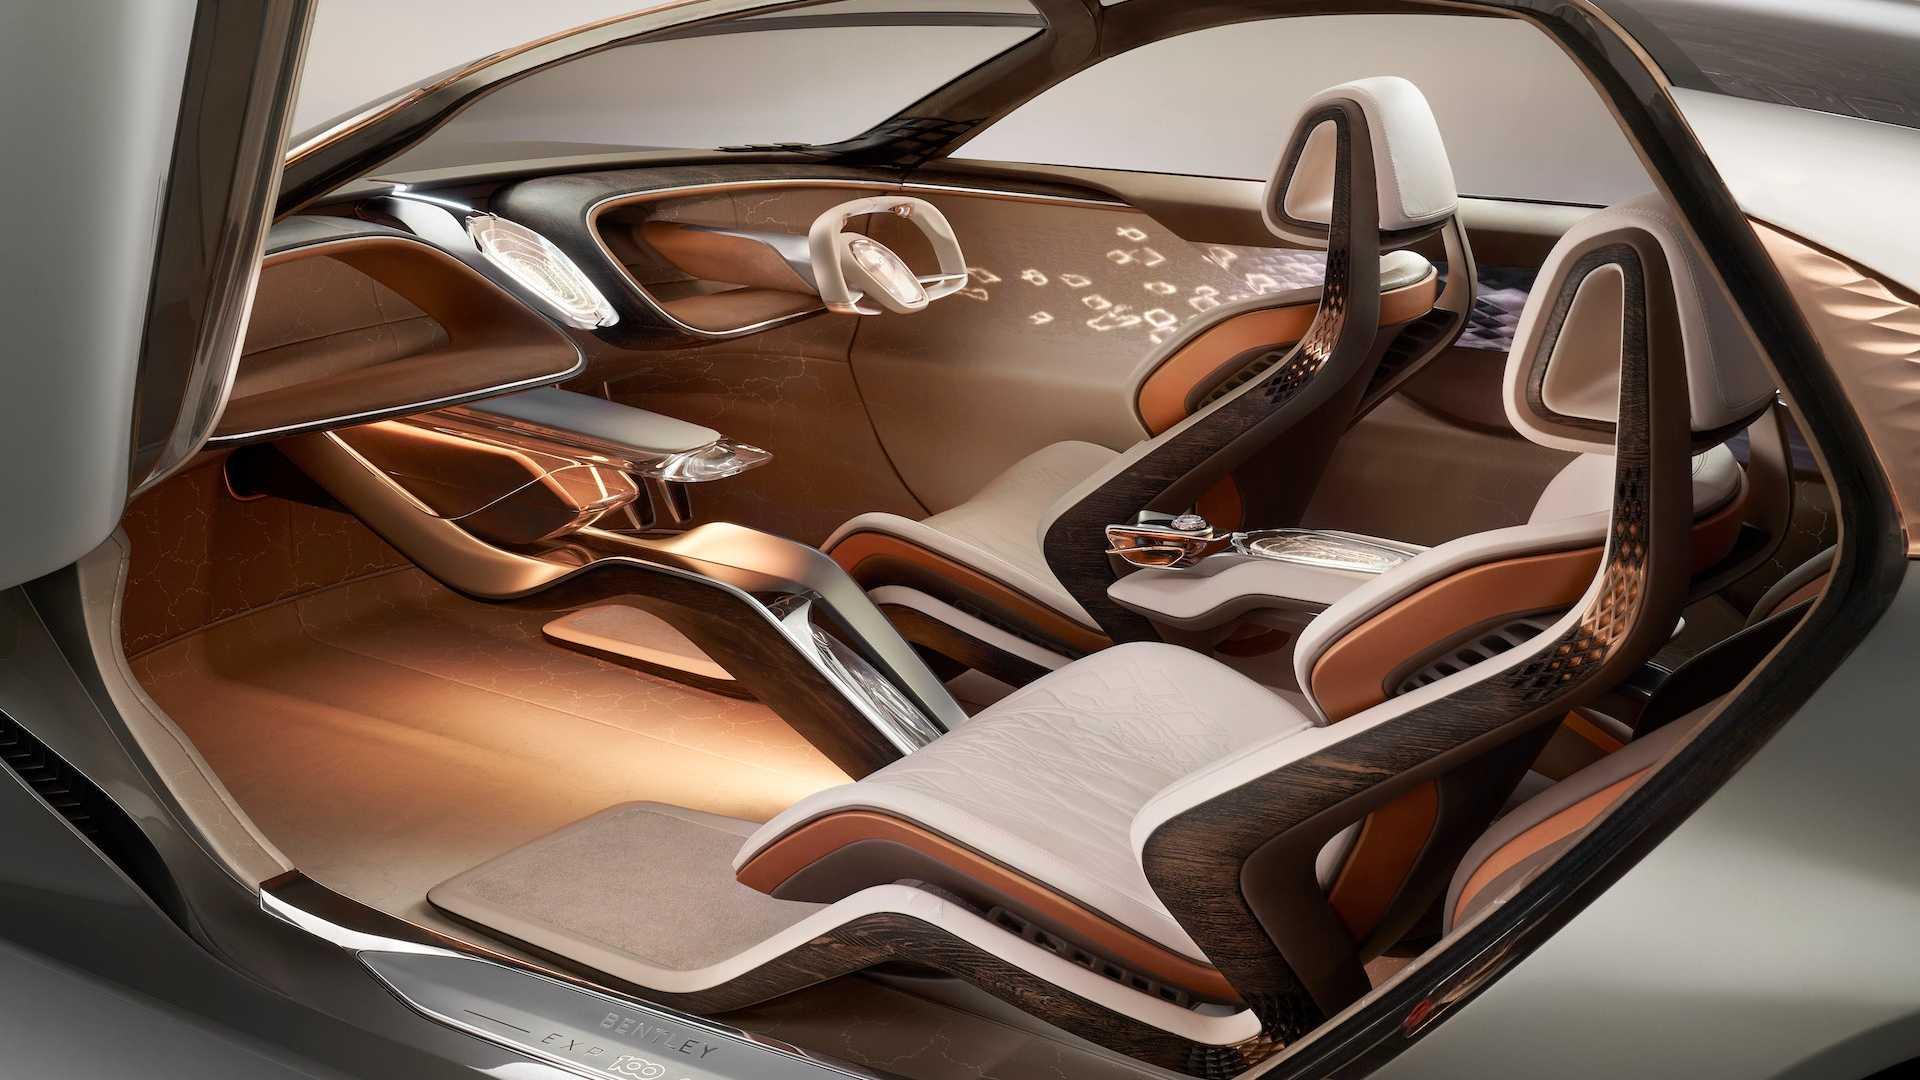 جدیدترین کانسپت بنتلی پیش نمایشی از خودروهای لوکس سال 2035 است + تصاویر